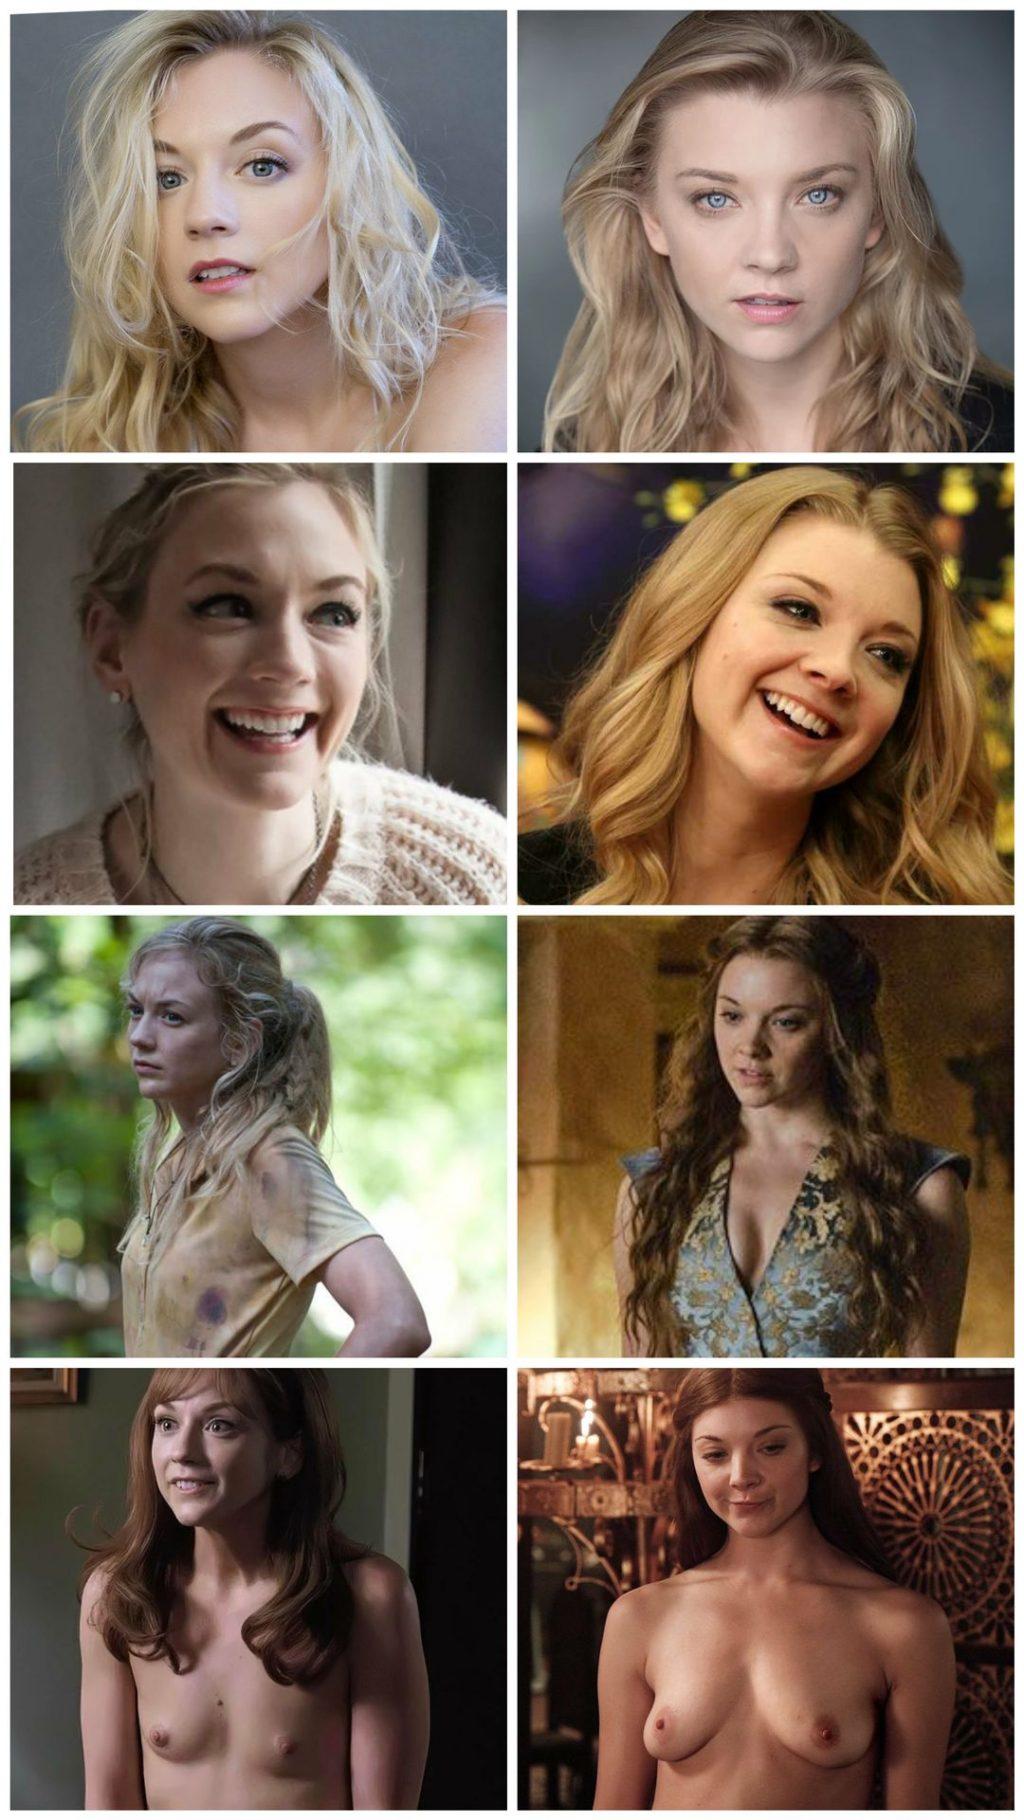 Emily Kinney (Beth Greene) vs. Natalie Dormer (Margaery Tyrell)